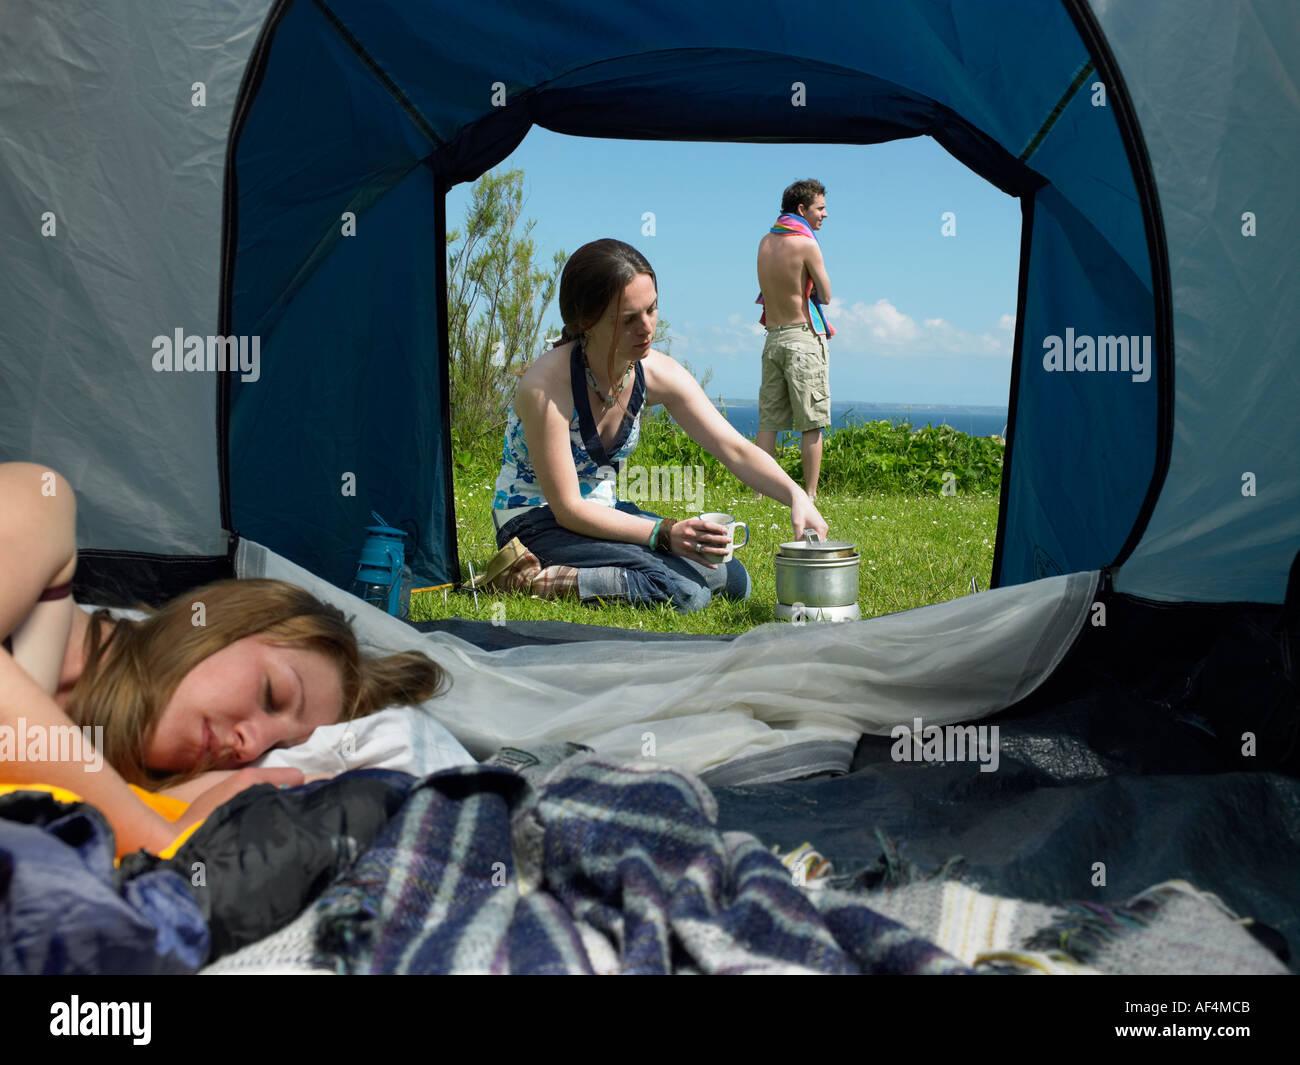 Blick durchs Zelt mit jungen weiblichen Inneren zu öffnen, während ein anderes mit einem jungen männlichen Stockbild